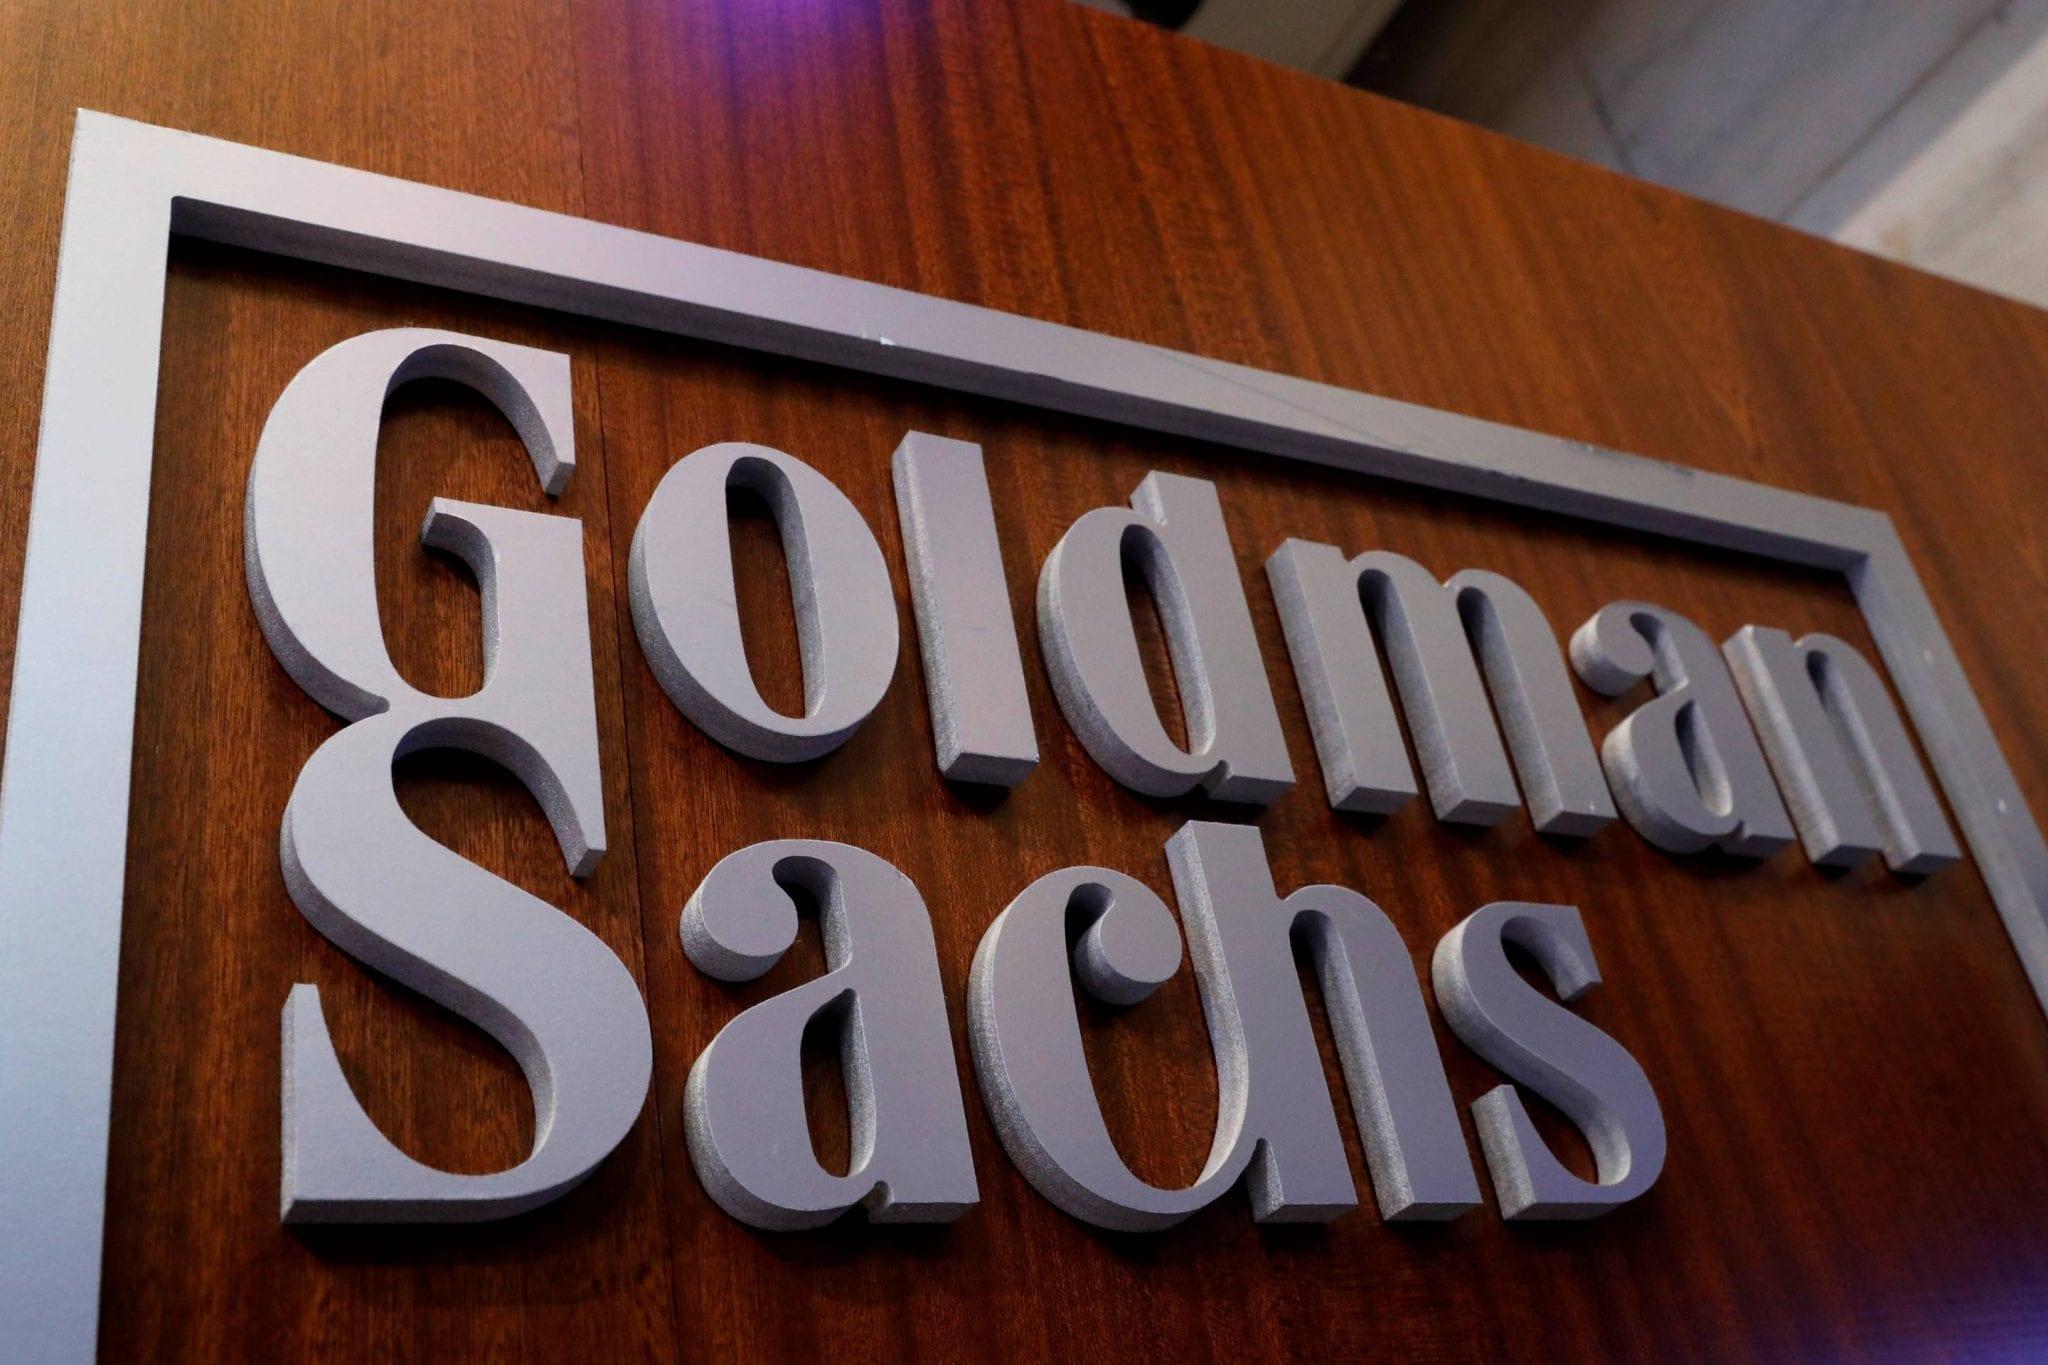 Goldman Sachs ganó US$200 millones en un día mientras los mercados se desplomaron.